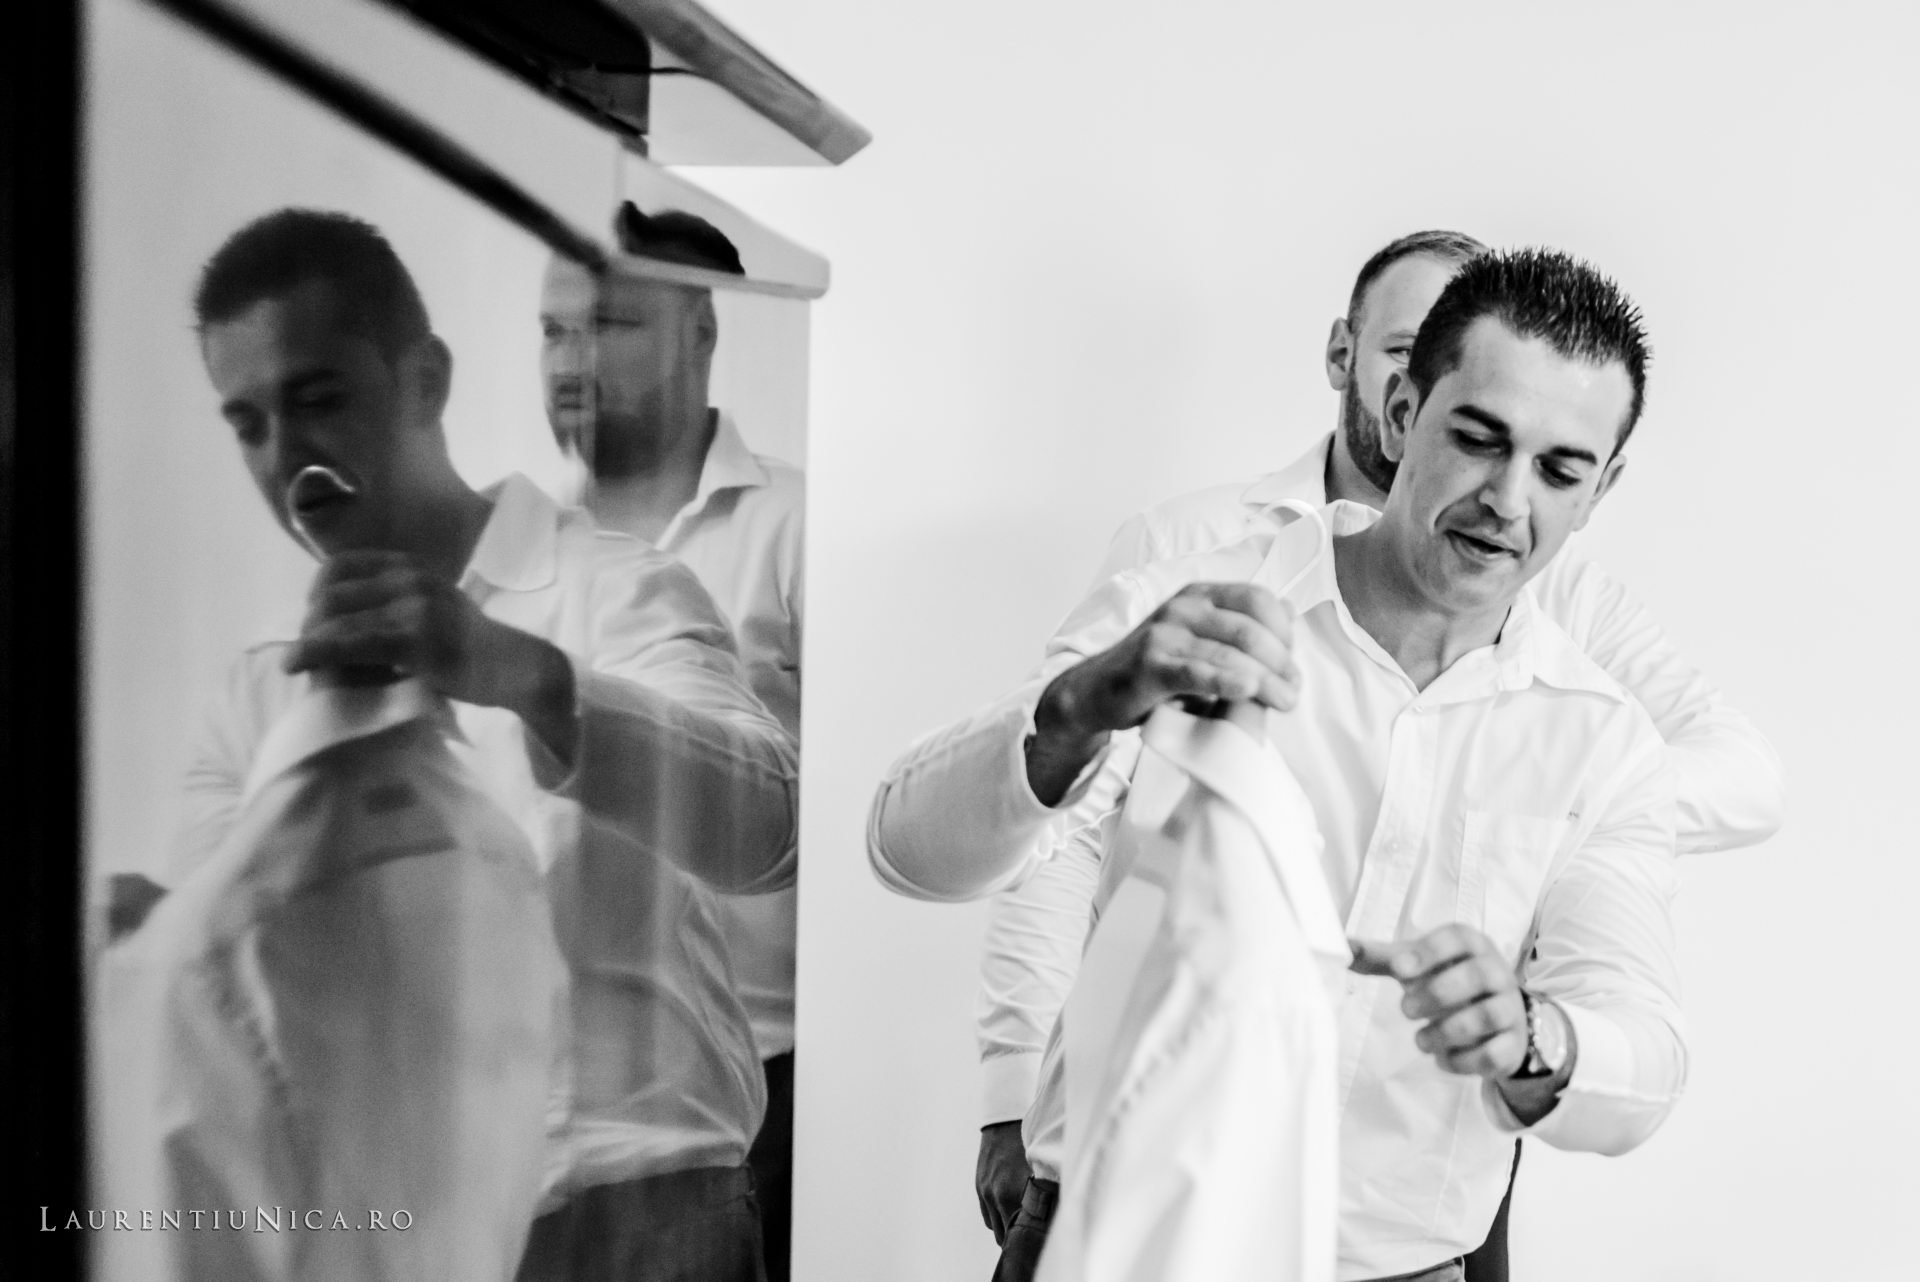 Cristina si Ovidiu nunta Craiova fotograf laurentiu nica 033 - Cristina & Ovidiu | Fotografii nunta | Craiova